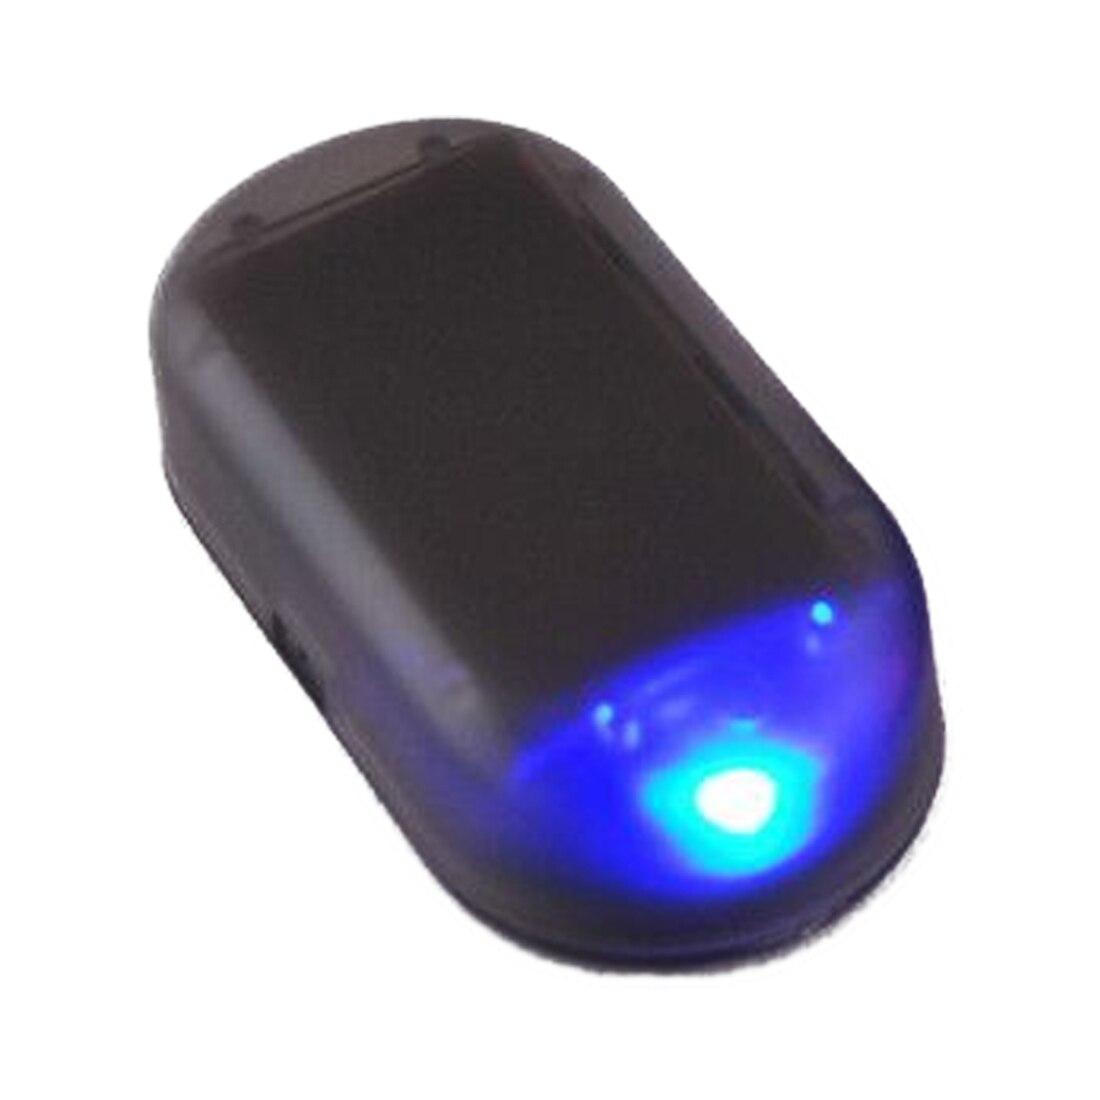 2019 Neuestes Design Led-licht Sicherheit System Warnung Diebstahl Flash Blinkt Gefälschte Solar Auto Alarm Led-licht Warm Und Winddicht